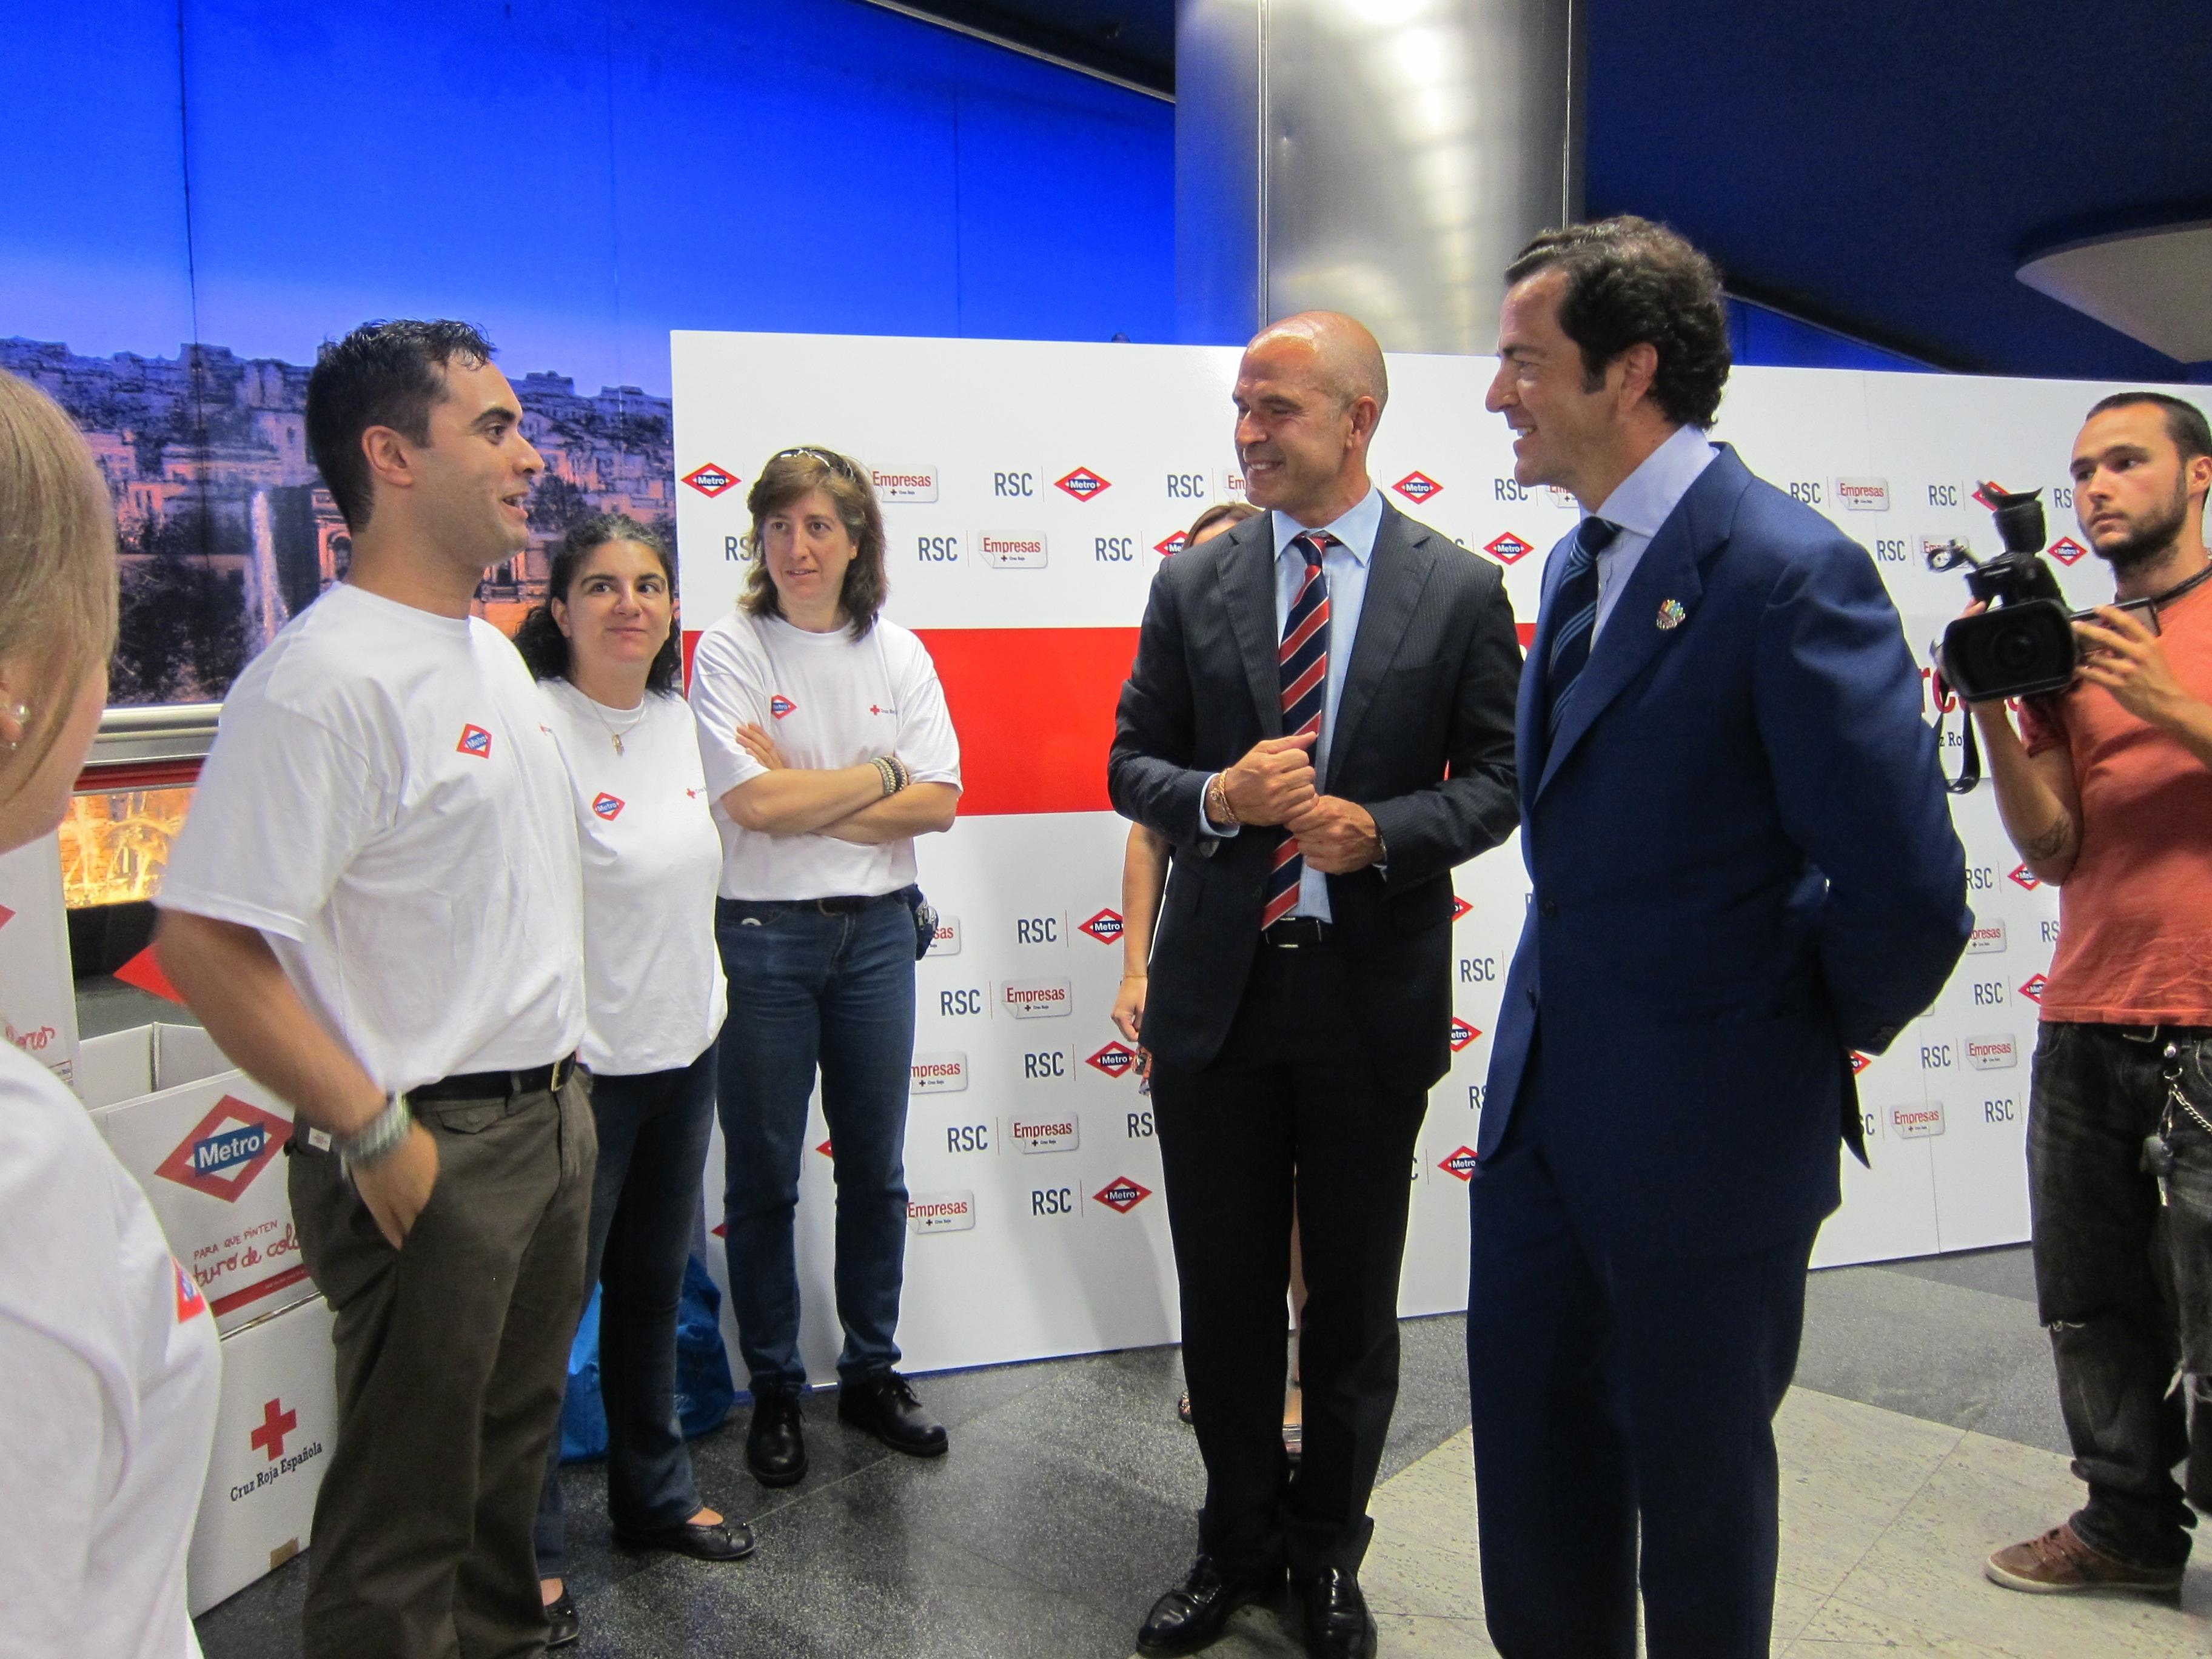 Cavero destaca que el transporte es una de las «fortalezas» de la candidatura para lograr ser sede olímpica